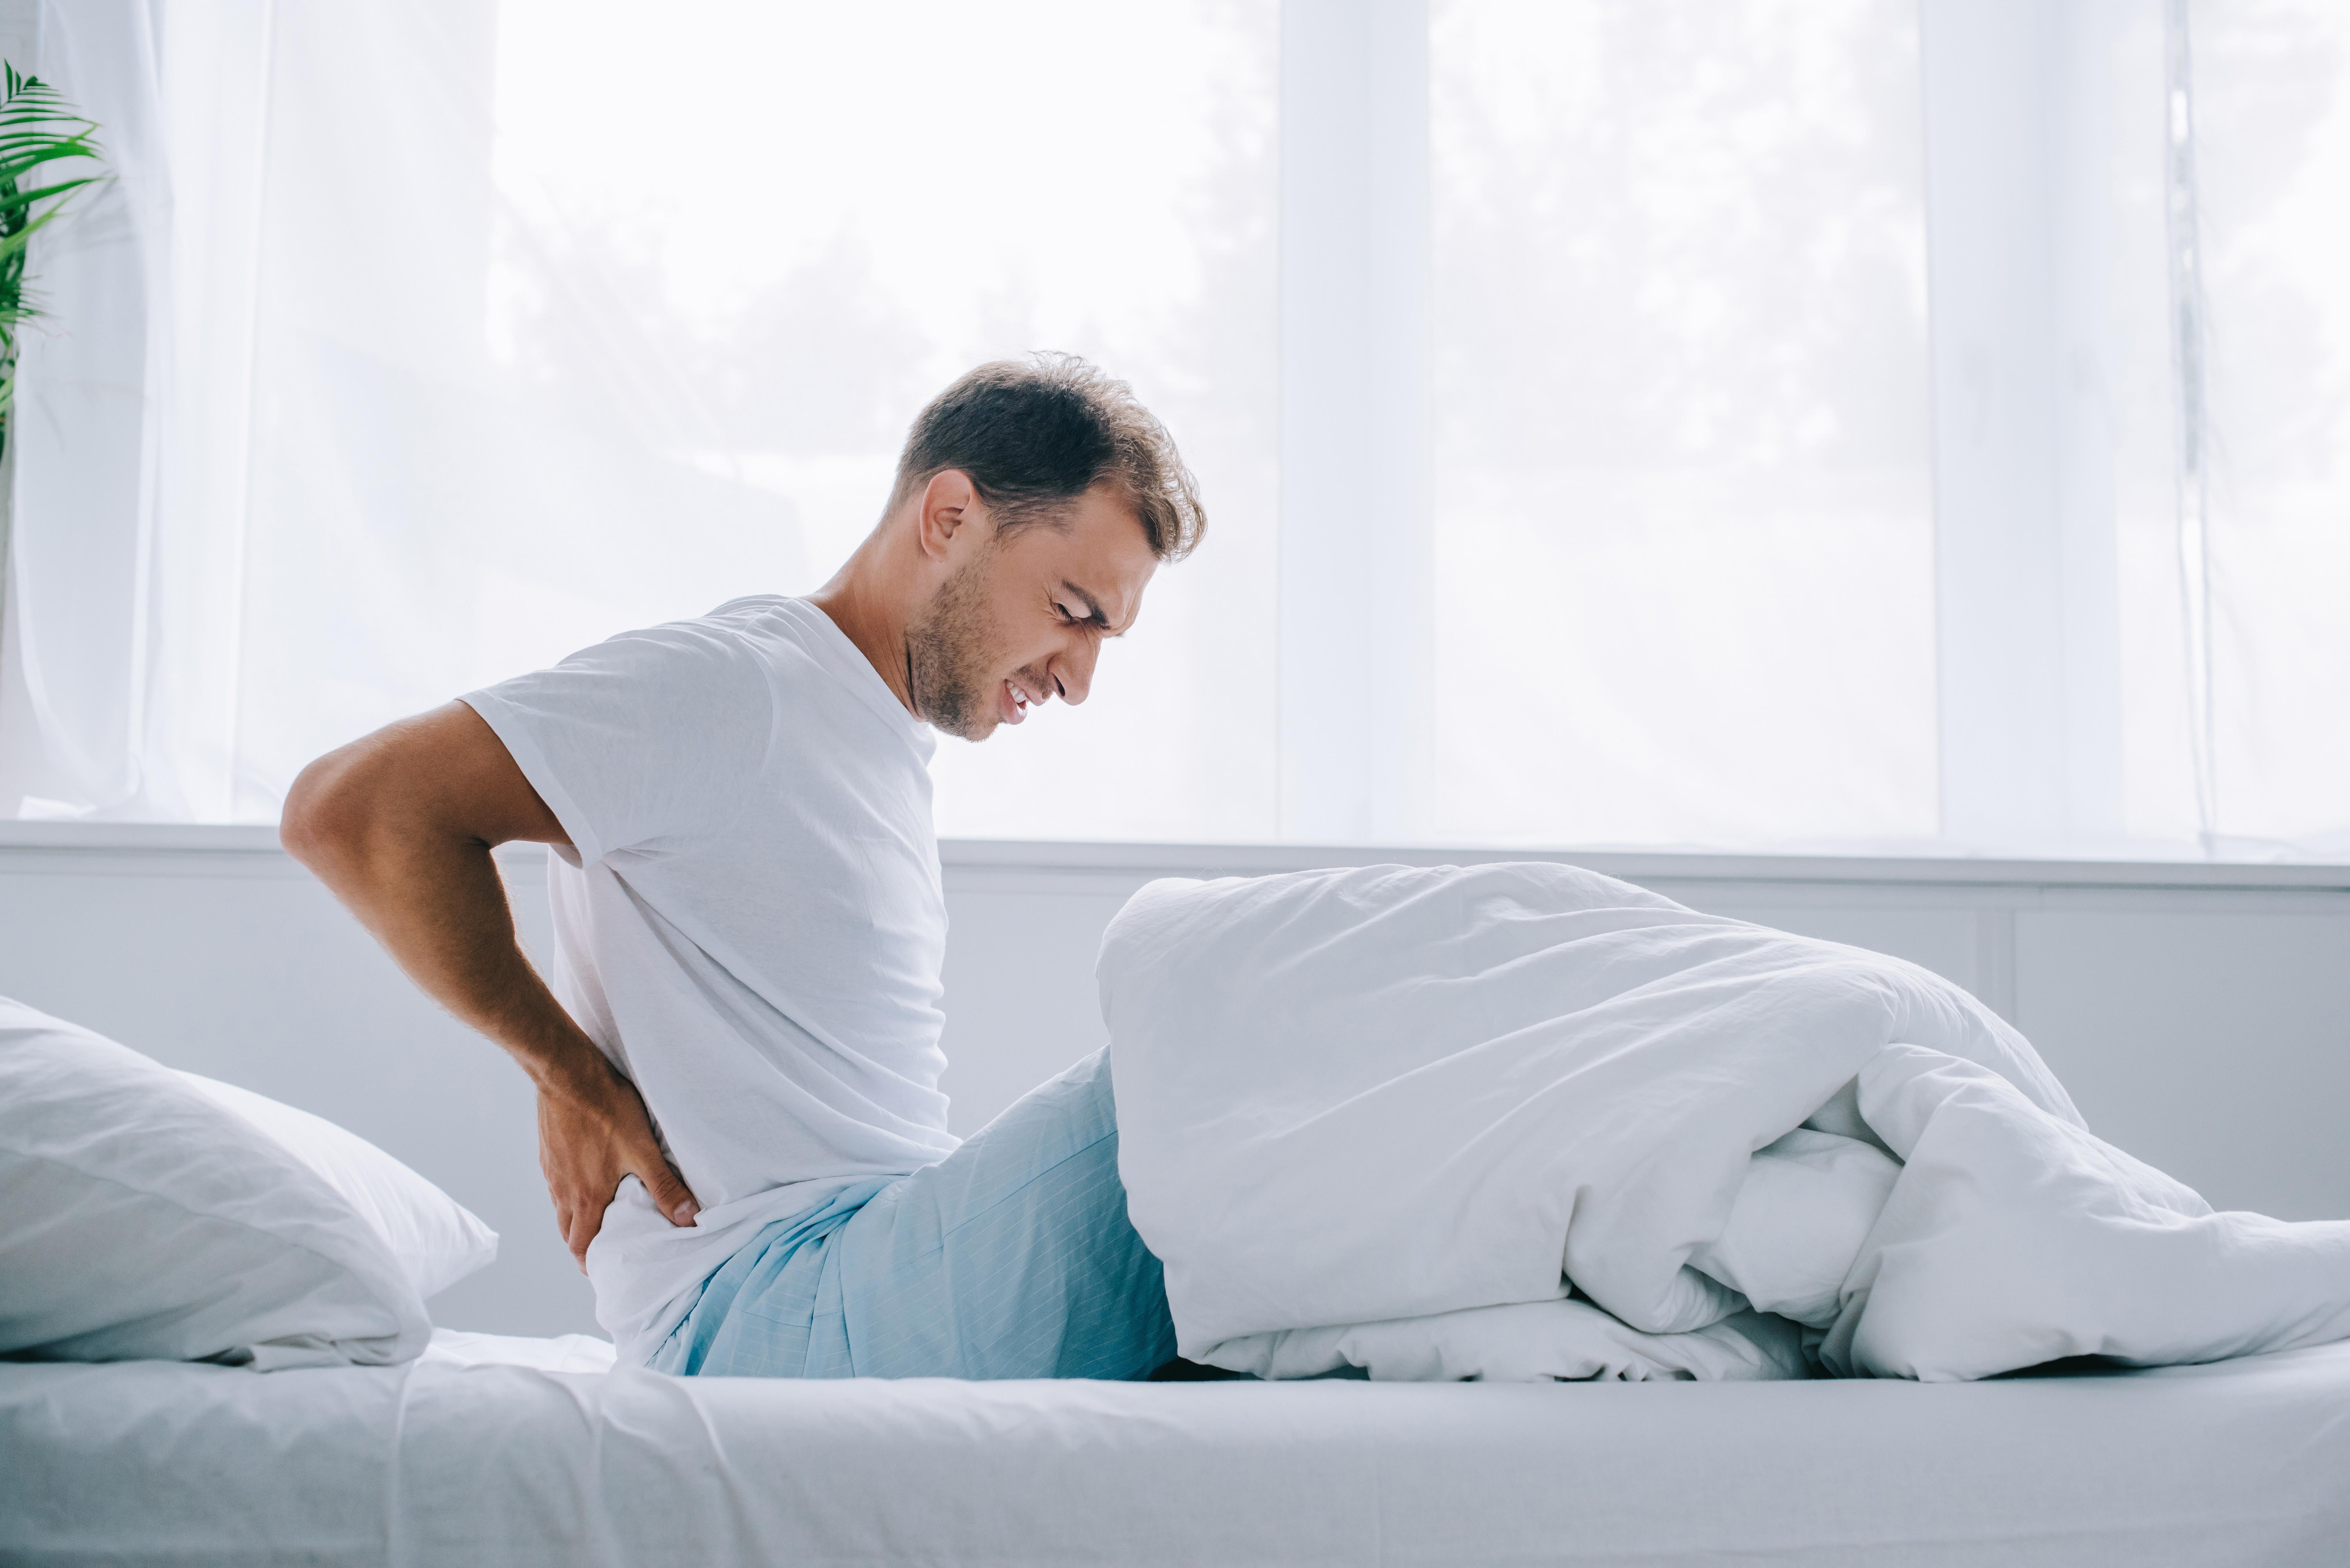 Viele leiden unter mangelnder Regeneration und Rückenschmerzen – die iWell Technologie kann helfen